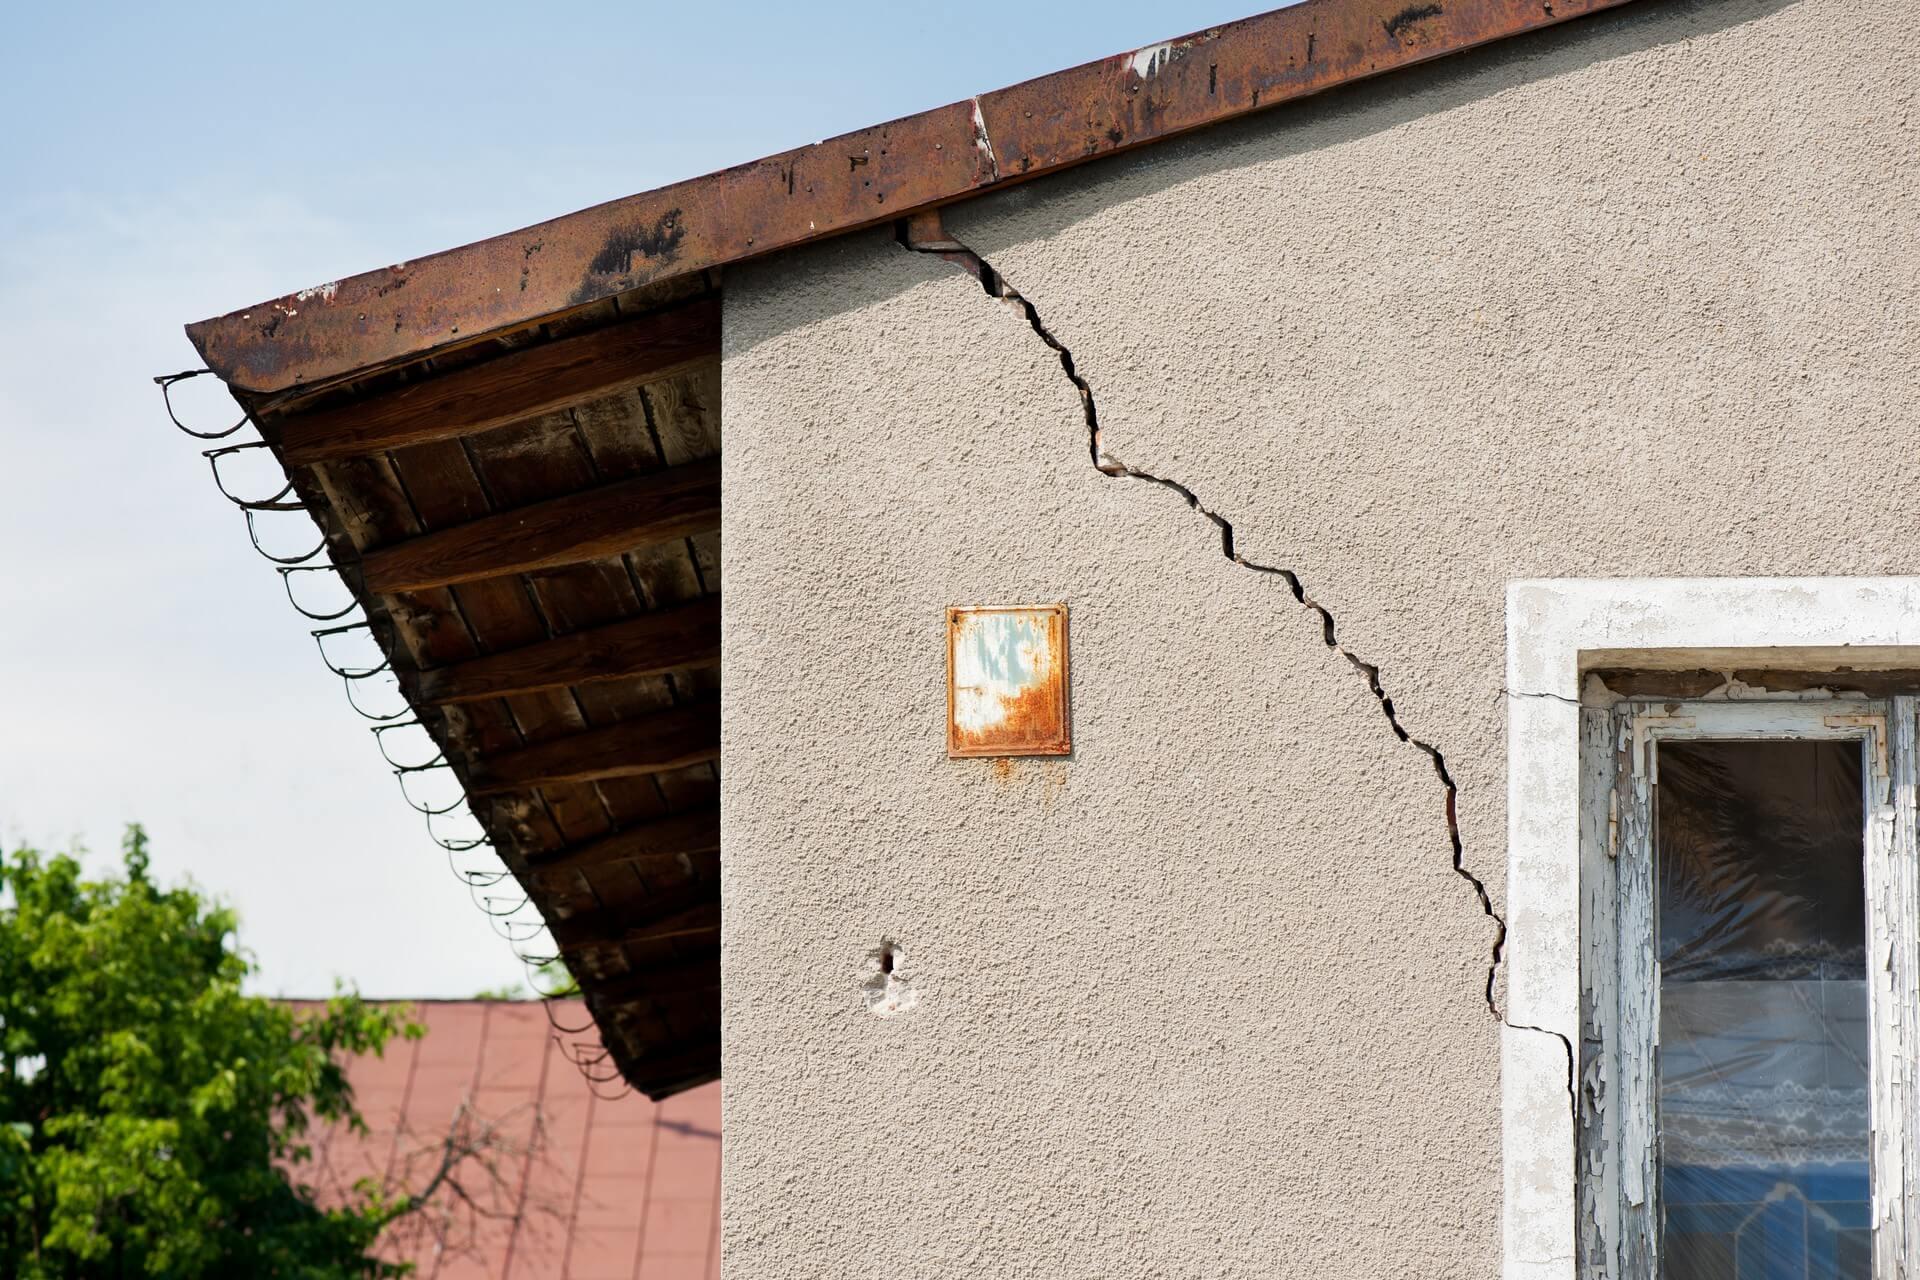 Obnove objektov po naravnih nesrečah: škoda odvisna od načina gradnje